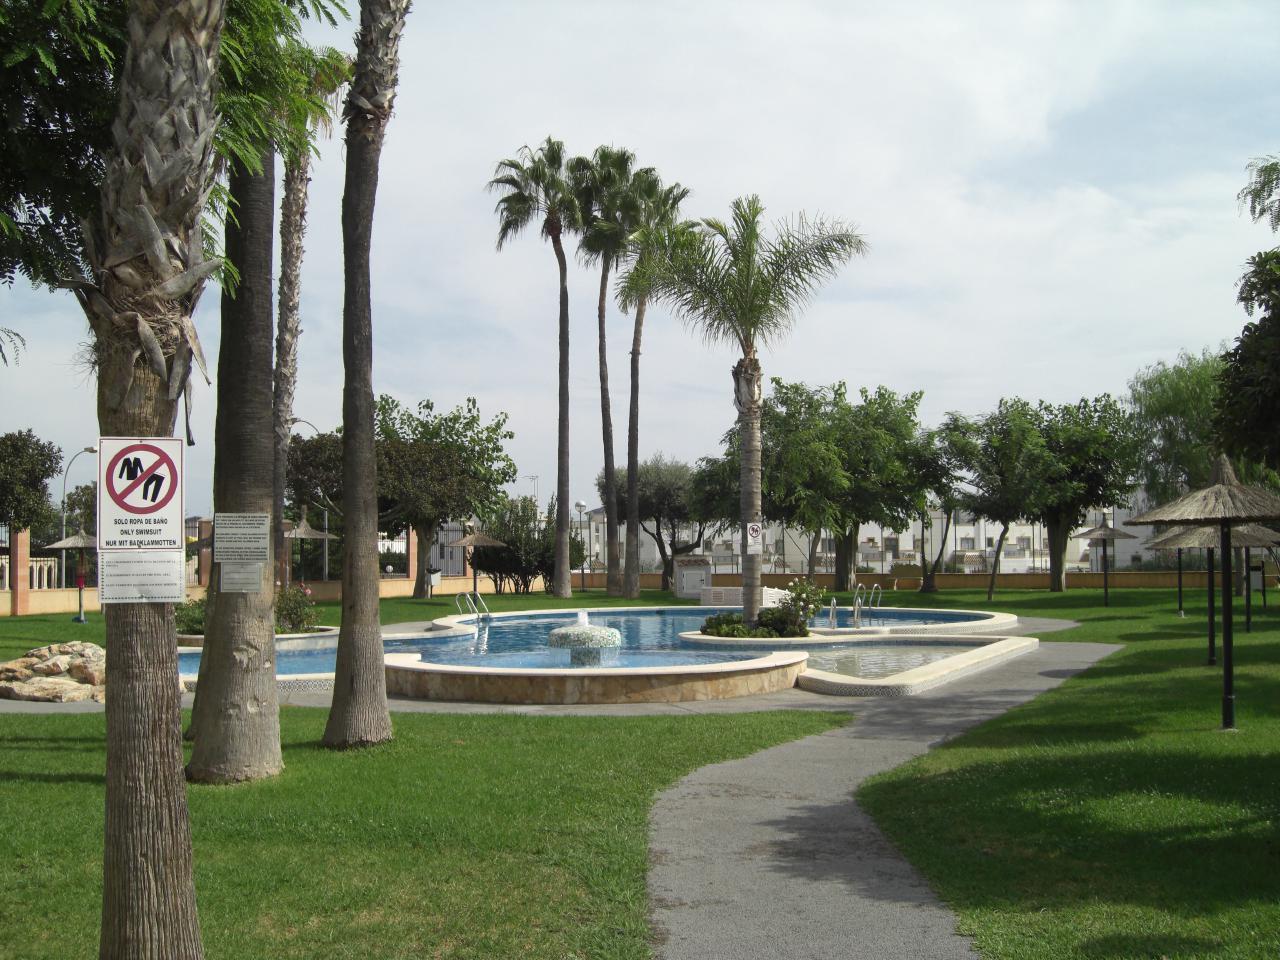 Ferienwohnung 4 Personen 62qm Costa Blanca (118835), Orihuela-Costa, Costa Blanca, Valencia, Spanien, Bild 26